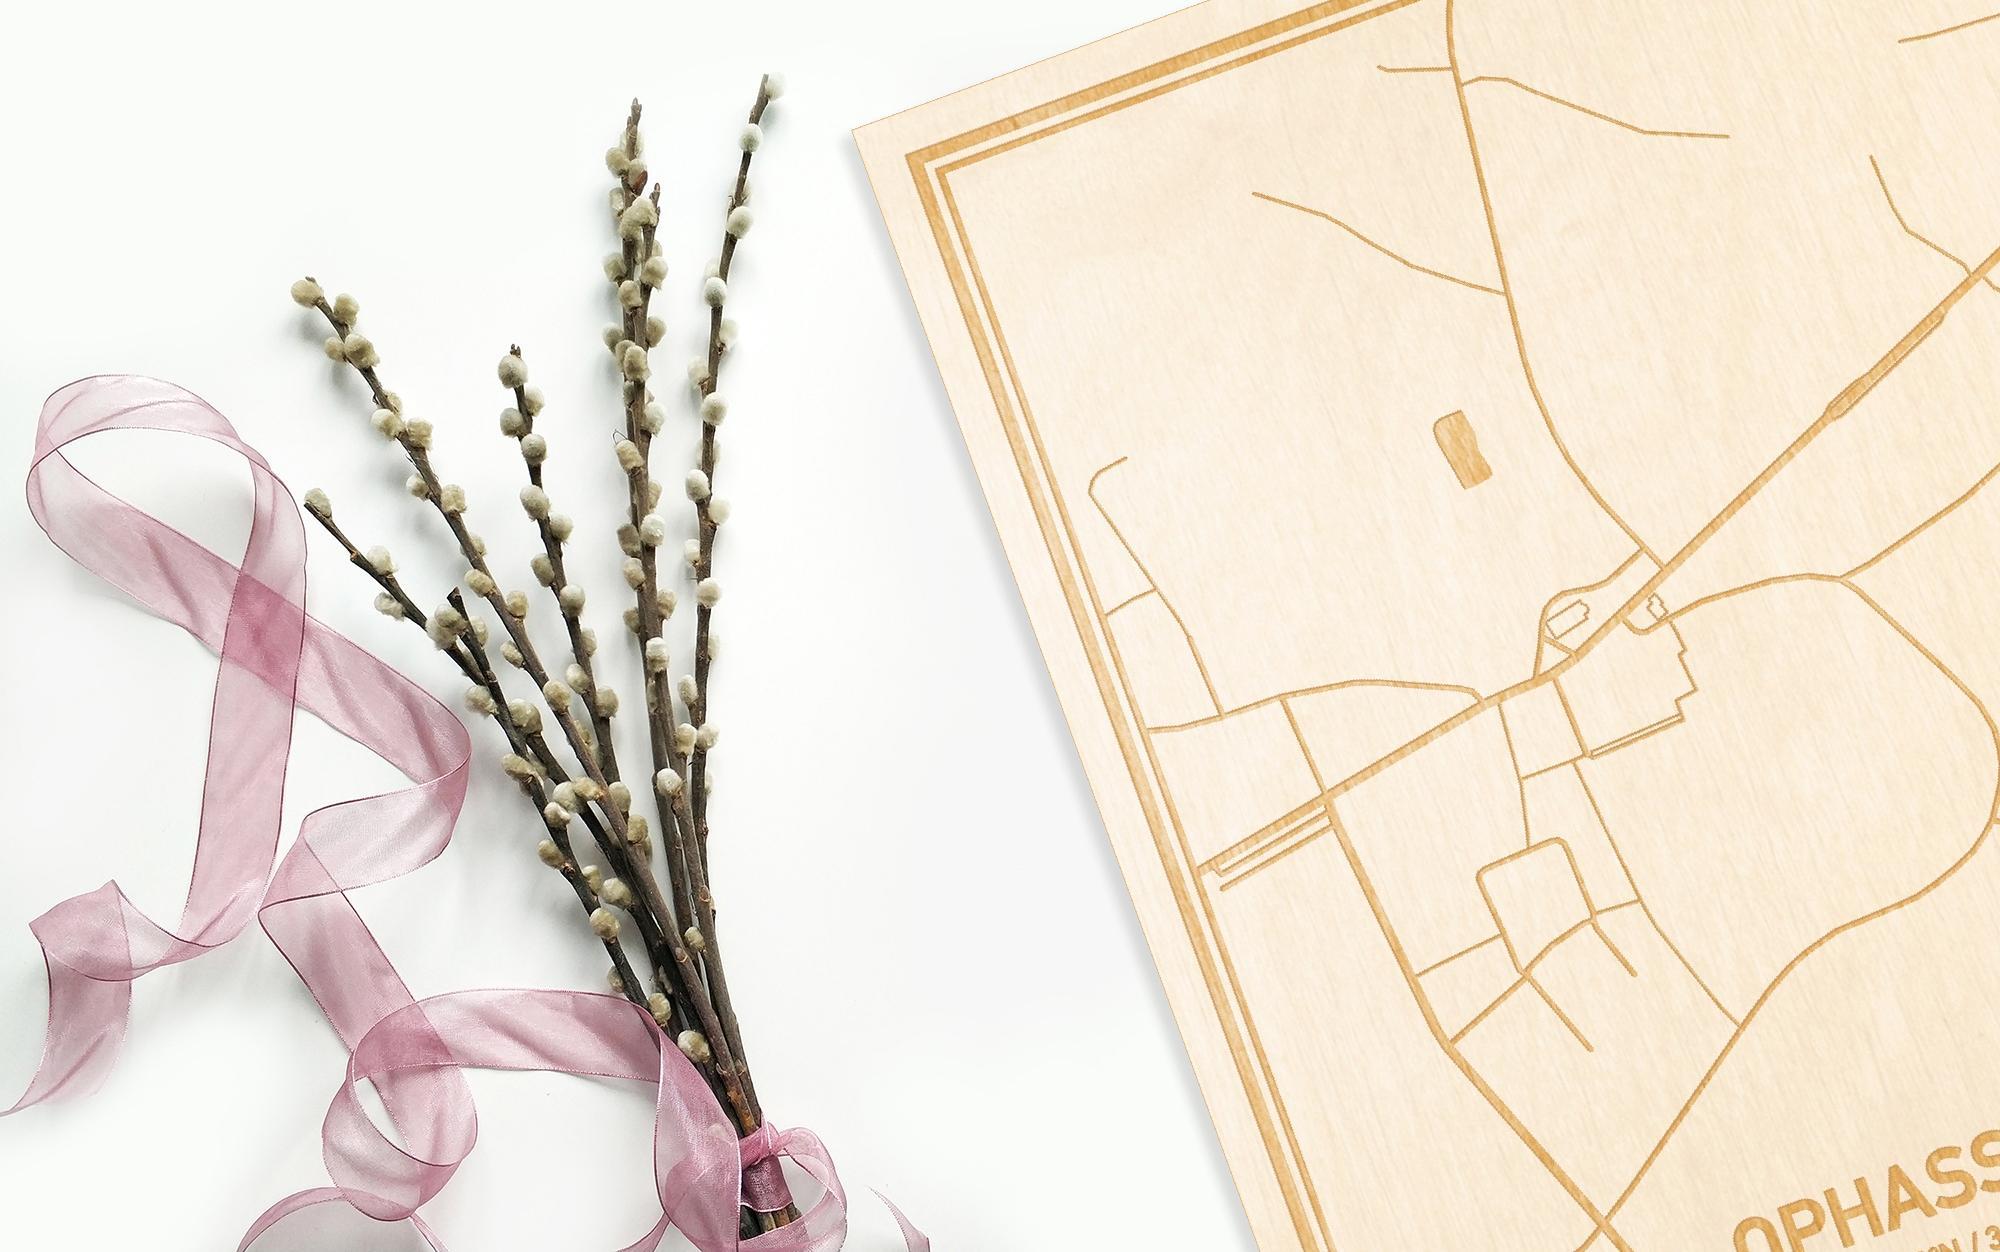 Hier ligt de houten plattegrond Ophasselt naast een bloemetje als gepersonaliseerd cadeau voor haar.